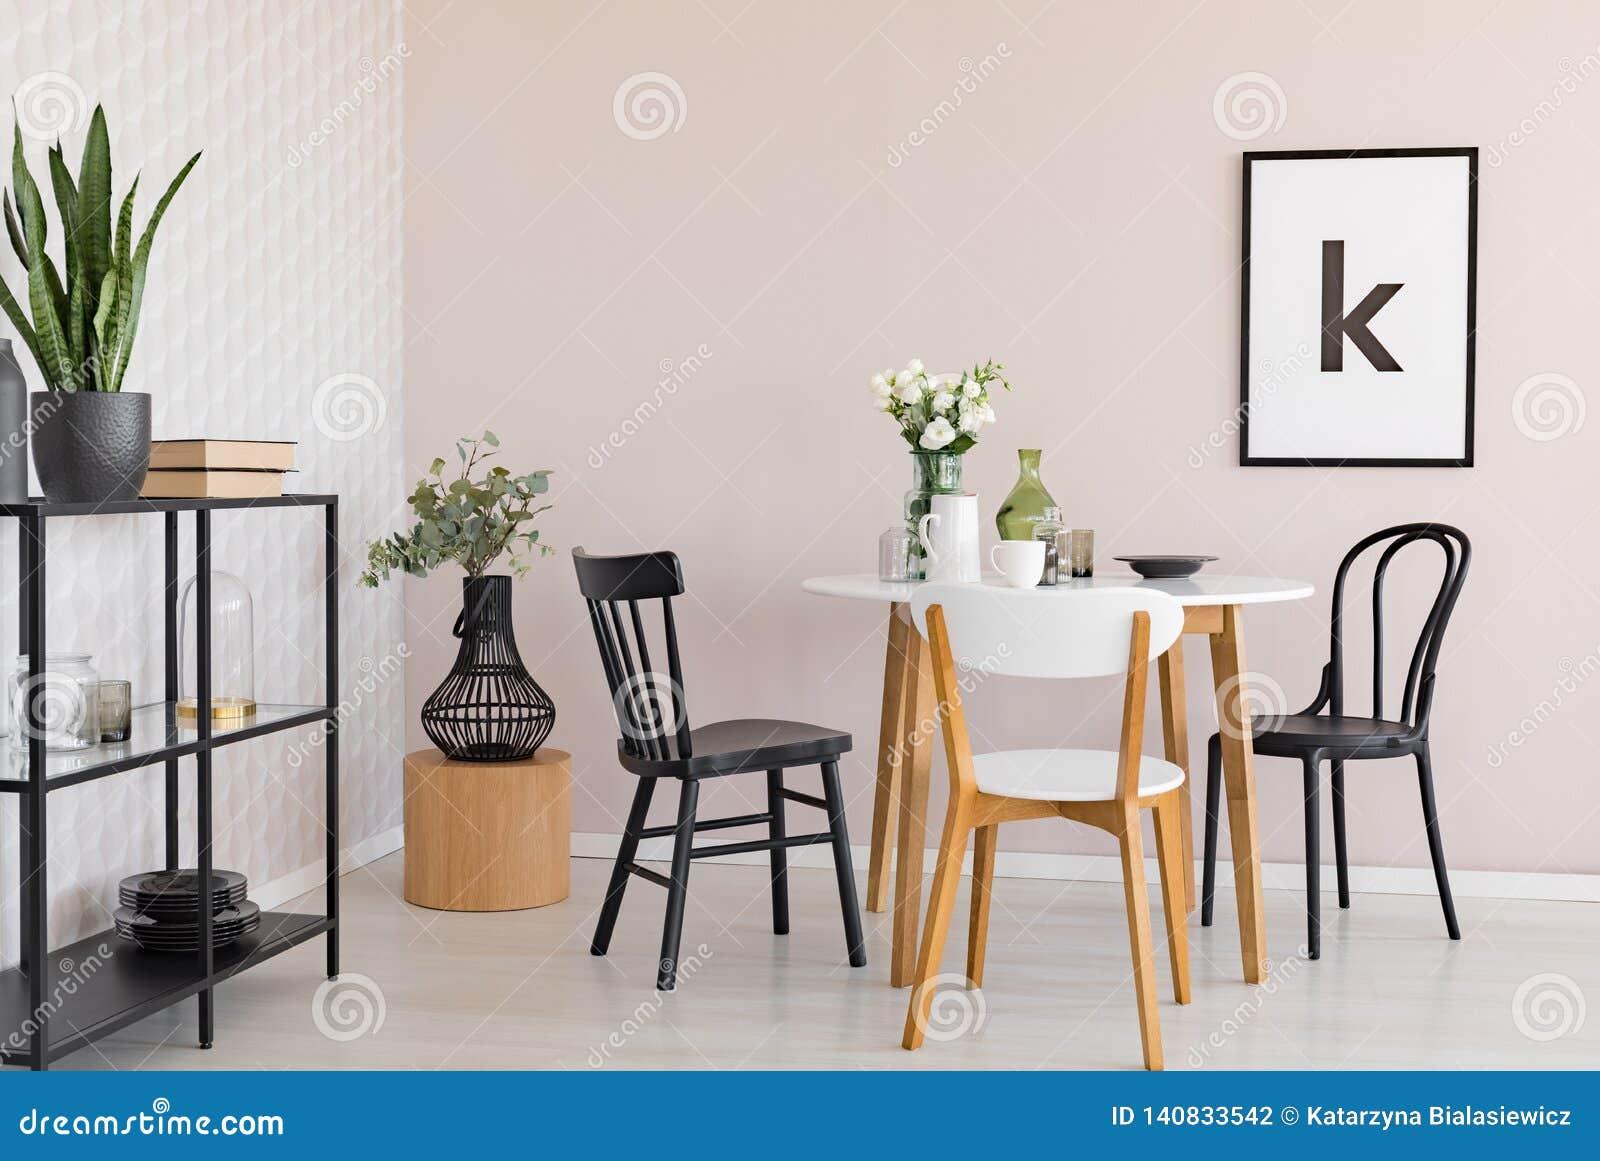 Stühle am Holztisch mit Blumen im Esszimmer Innen mit Anlagen und Plakat Reales Foto